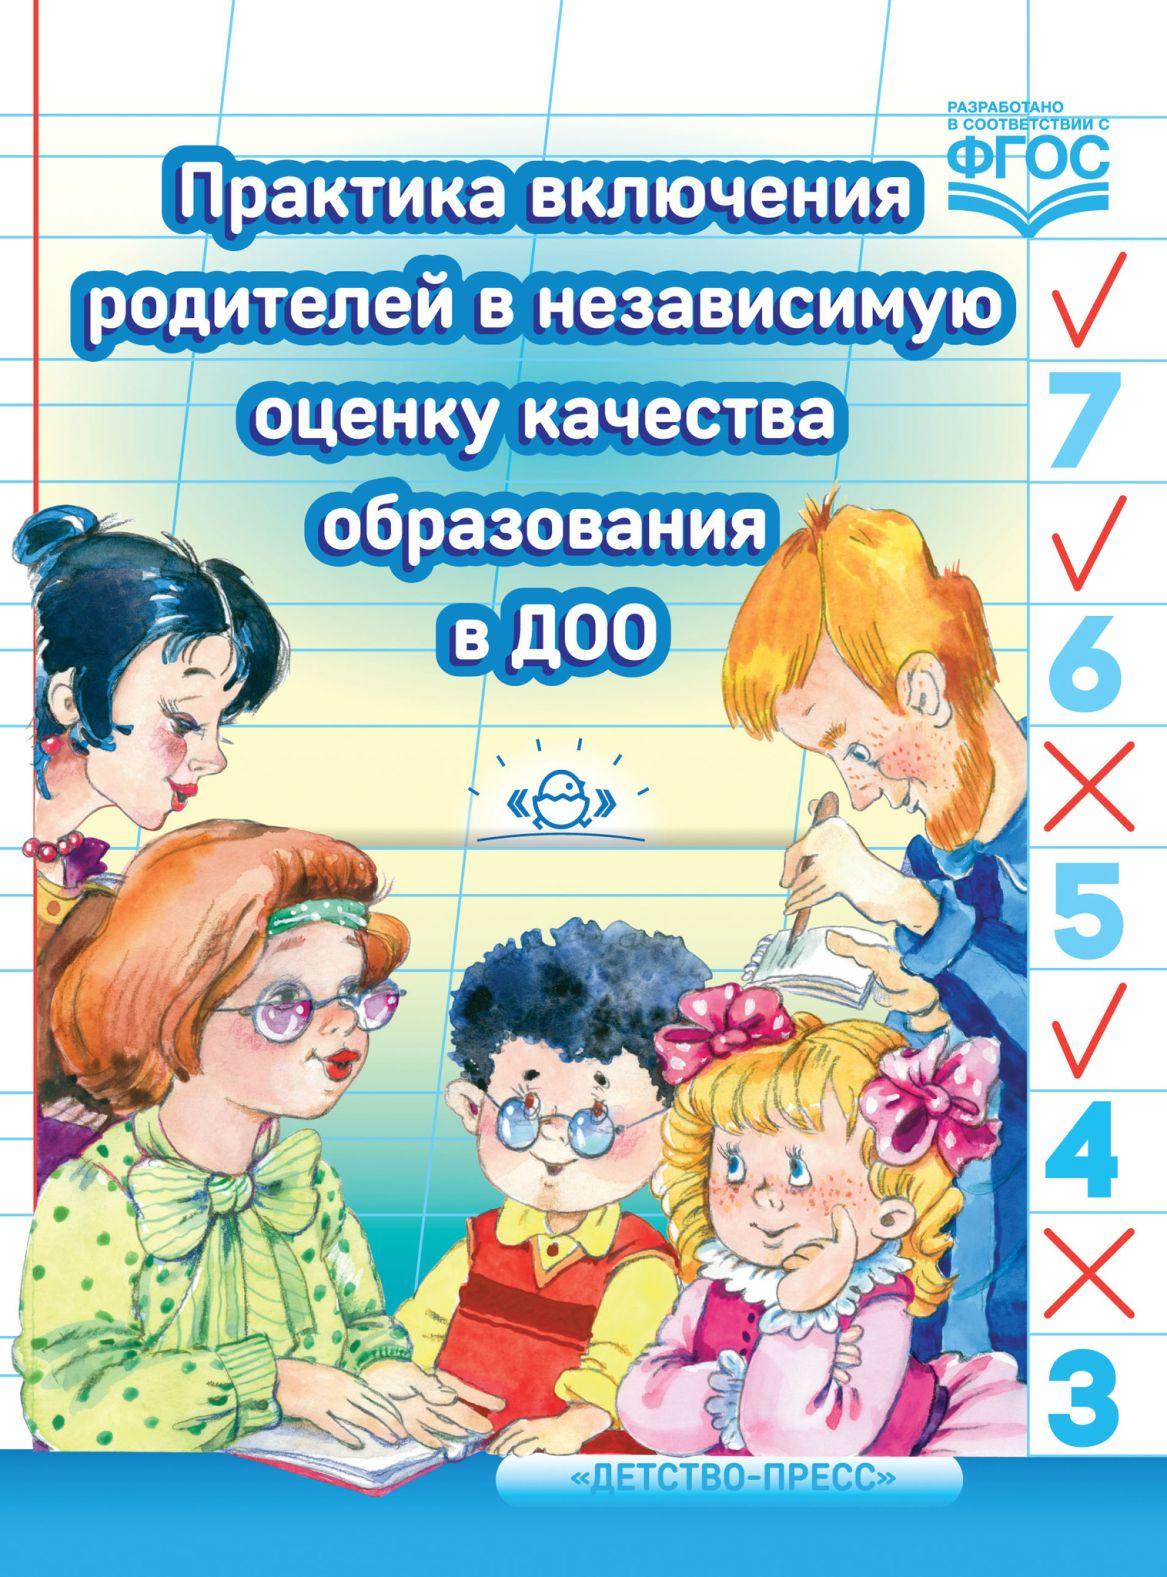 Практика включения родителей в независимую оценку качества образования в ДО